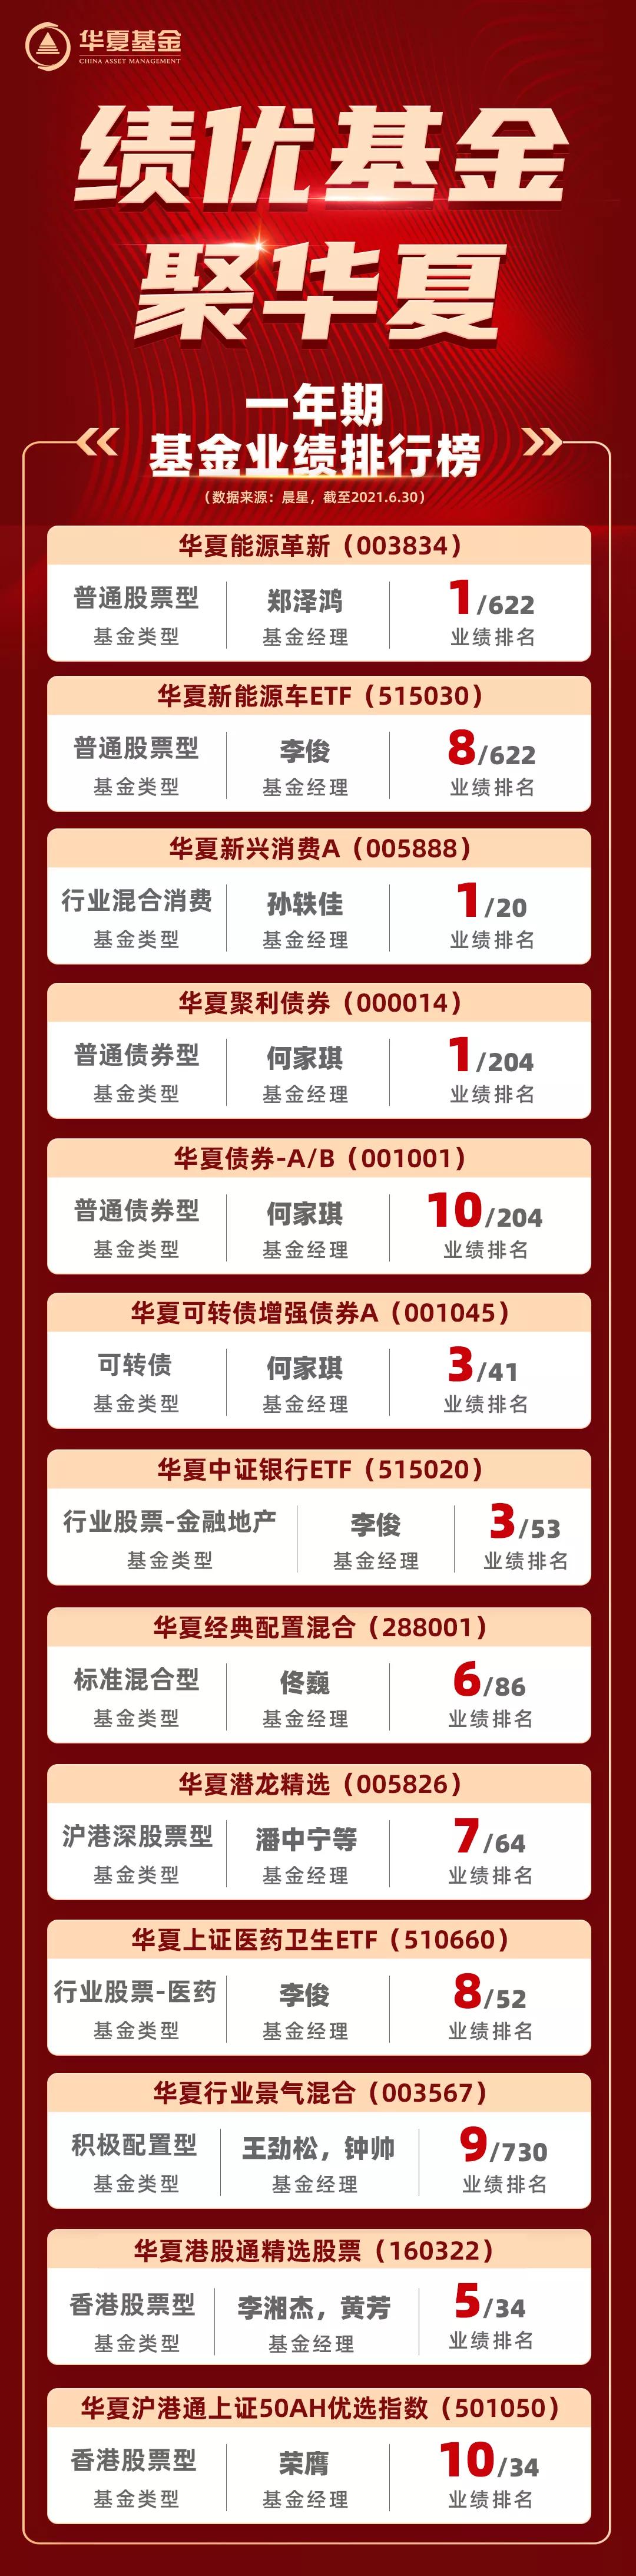 晨星最新业绩排行榜发布!华夏基金旗下16只产品位列榜单Top10